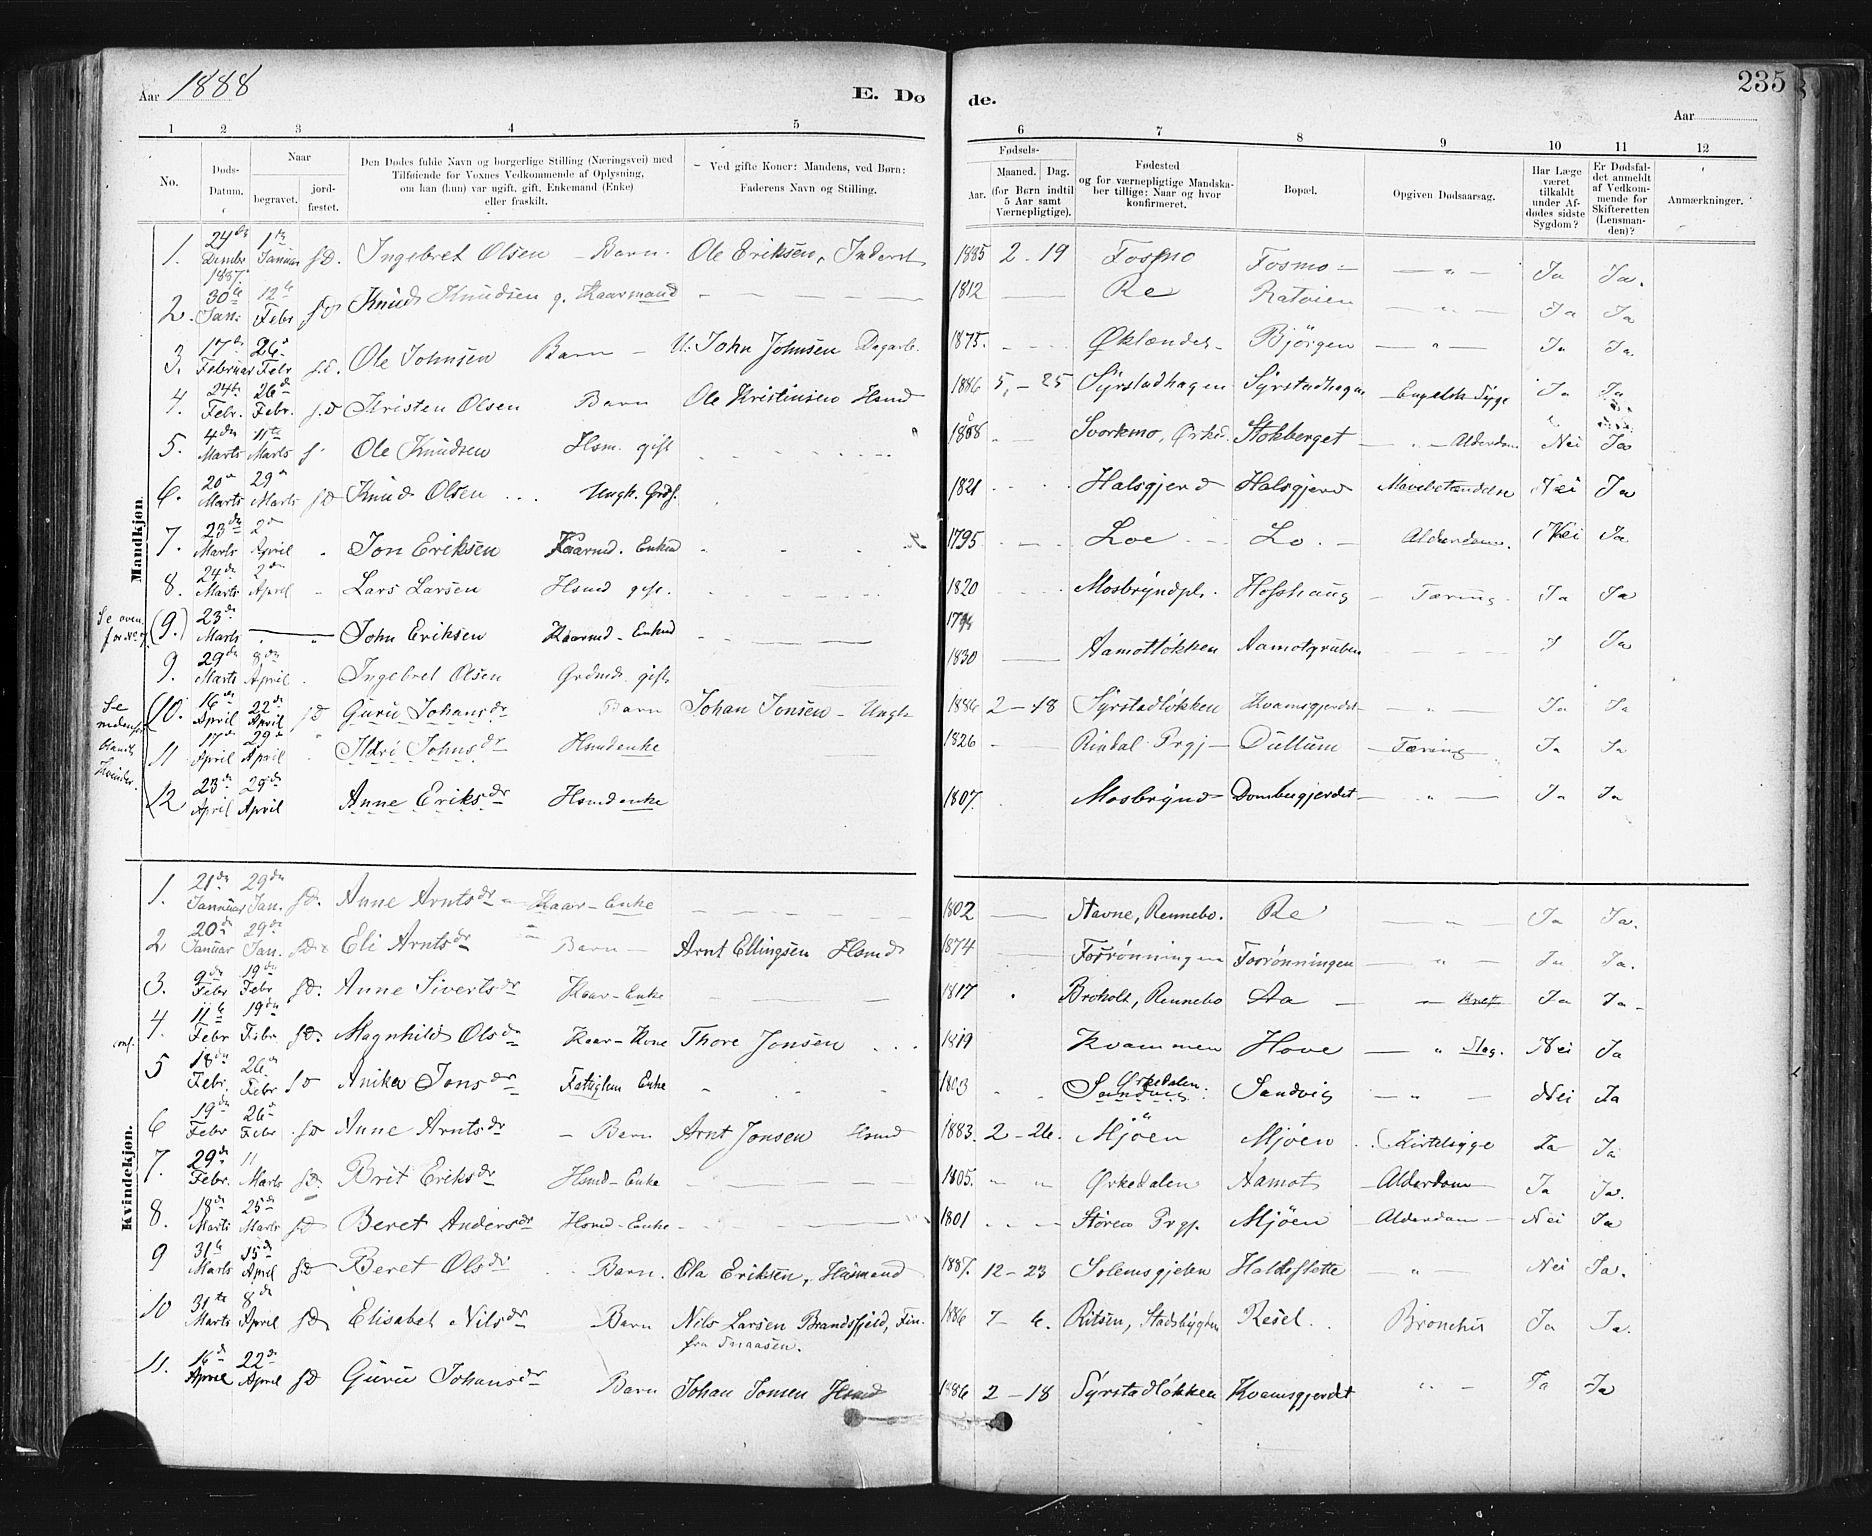 SAT, Ministerialprotokoller, klokkerbøker og fødselsregistre - Sør-Trøndelag, 672/L0857: Ministerialbok nr. 672A09, 1882-1893, s. 235